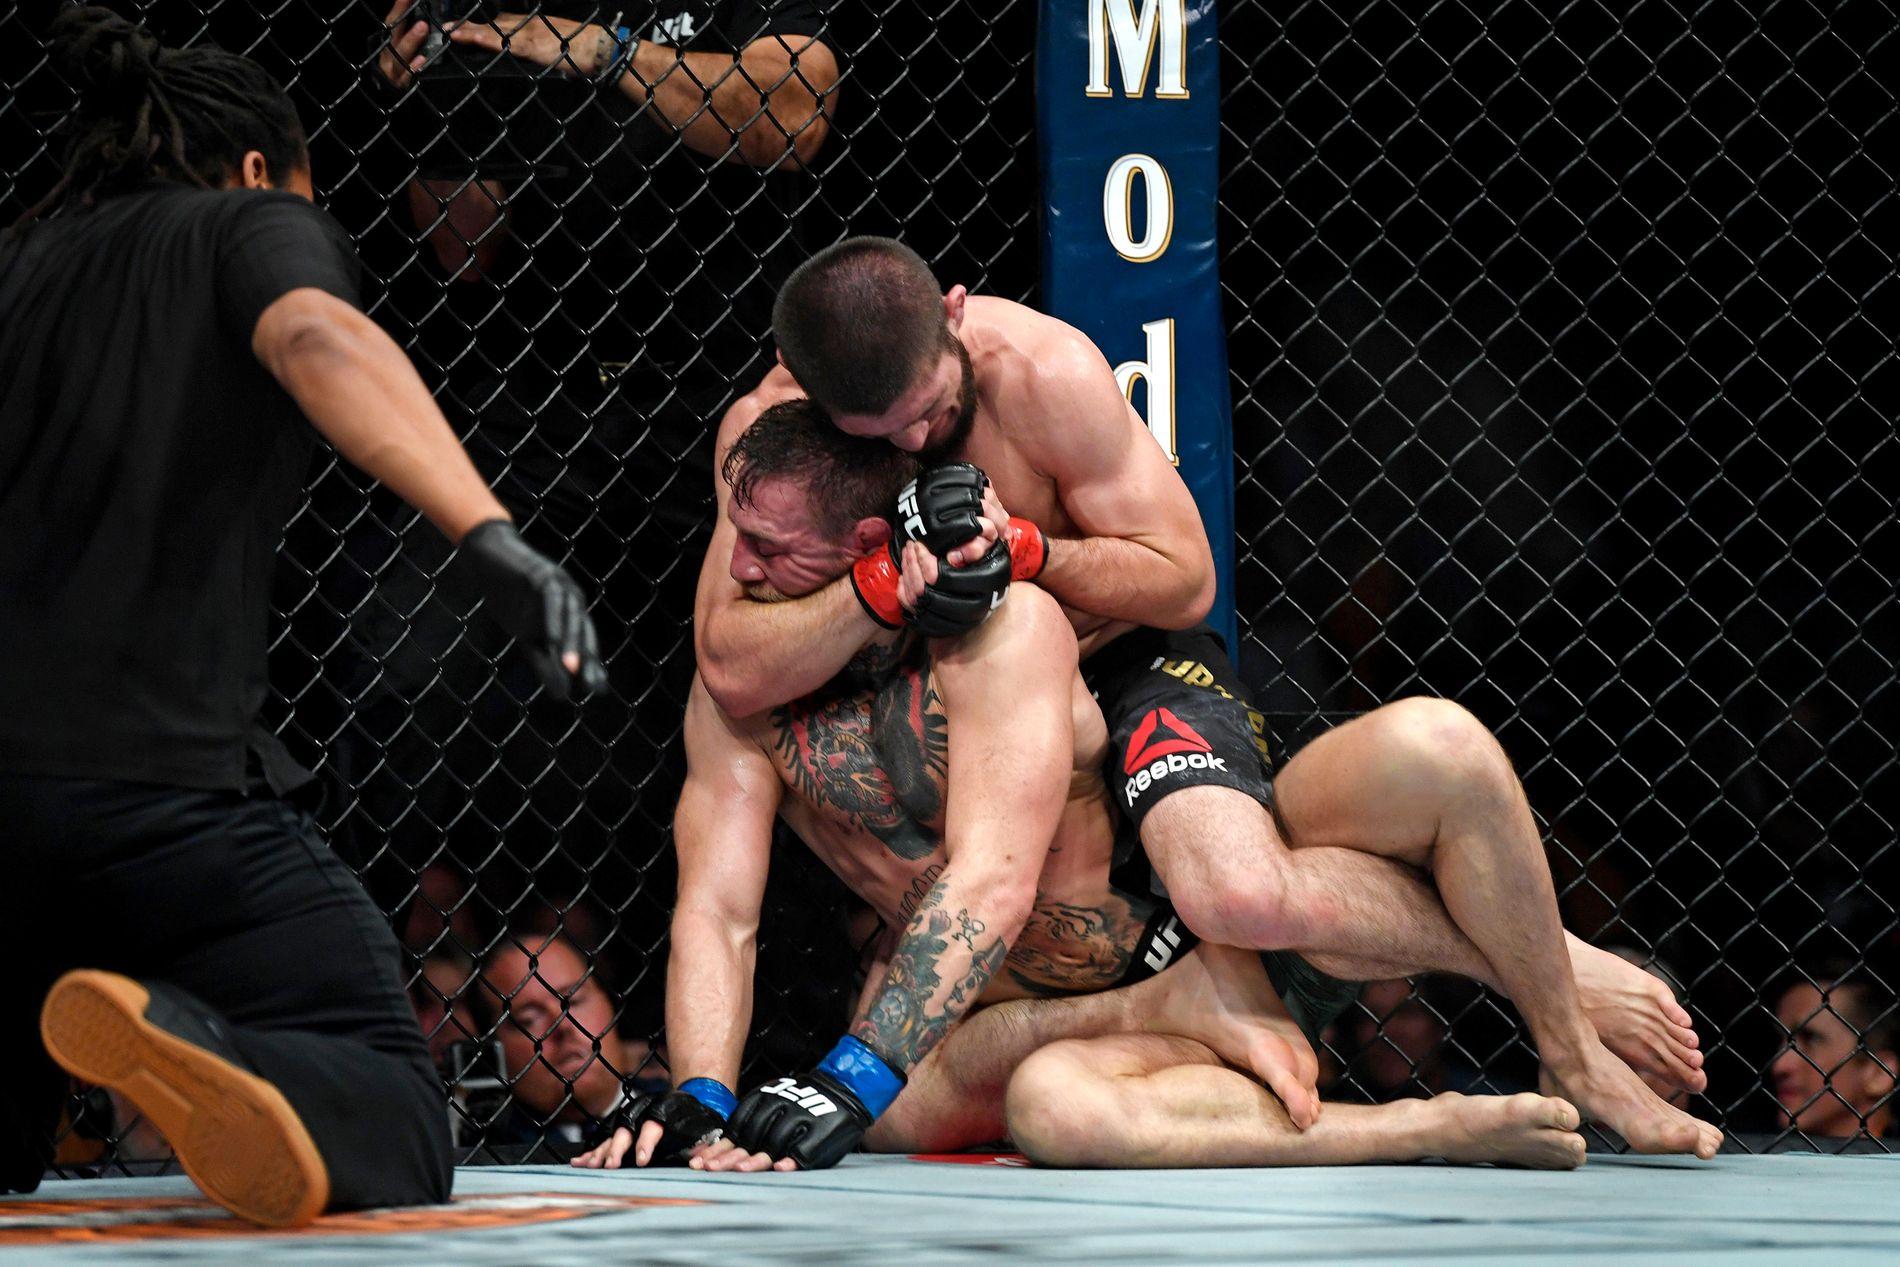 """AVGJØRELSEN: Khabib Nurmagomedov avgjør kampen mot Conor McGregor på """"neck crank"""" i fjerde runde. Sekunder senere starter kaoset i T-Mobile Arena i Las Vegas."""